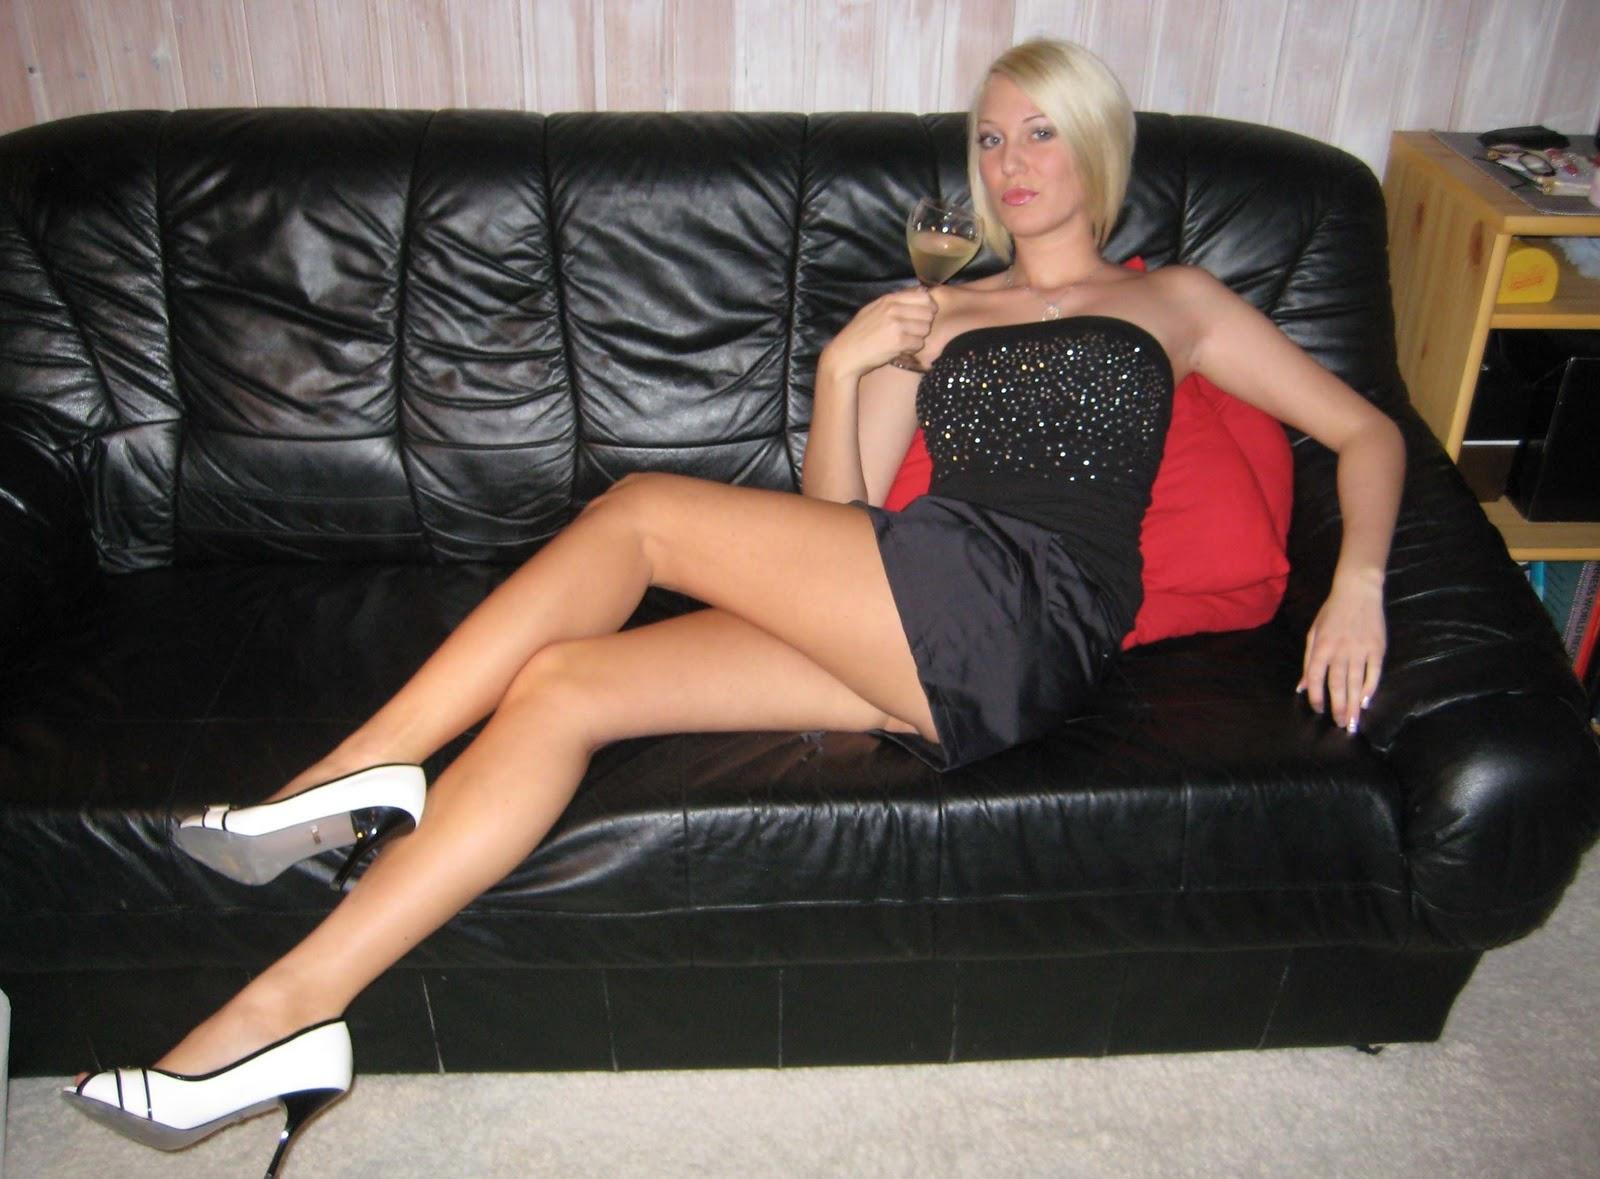 Сниму проститутку в витебске 26 фотография